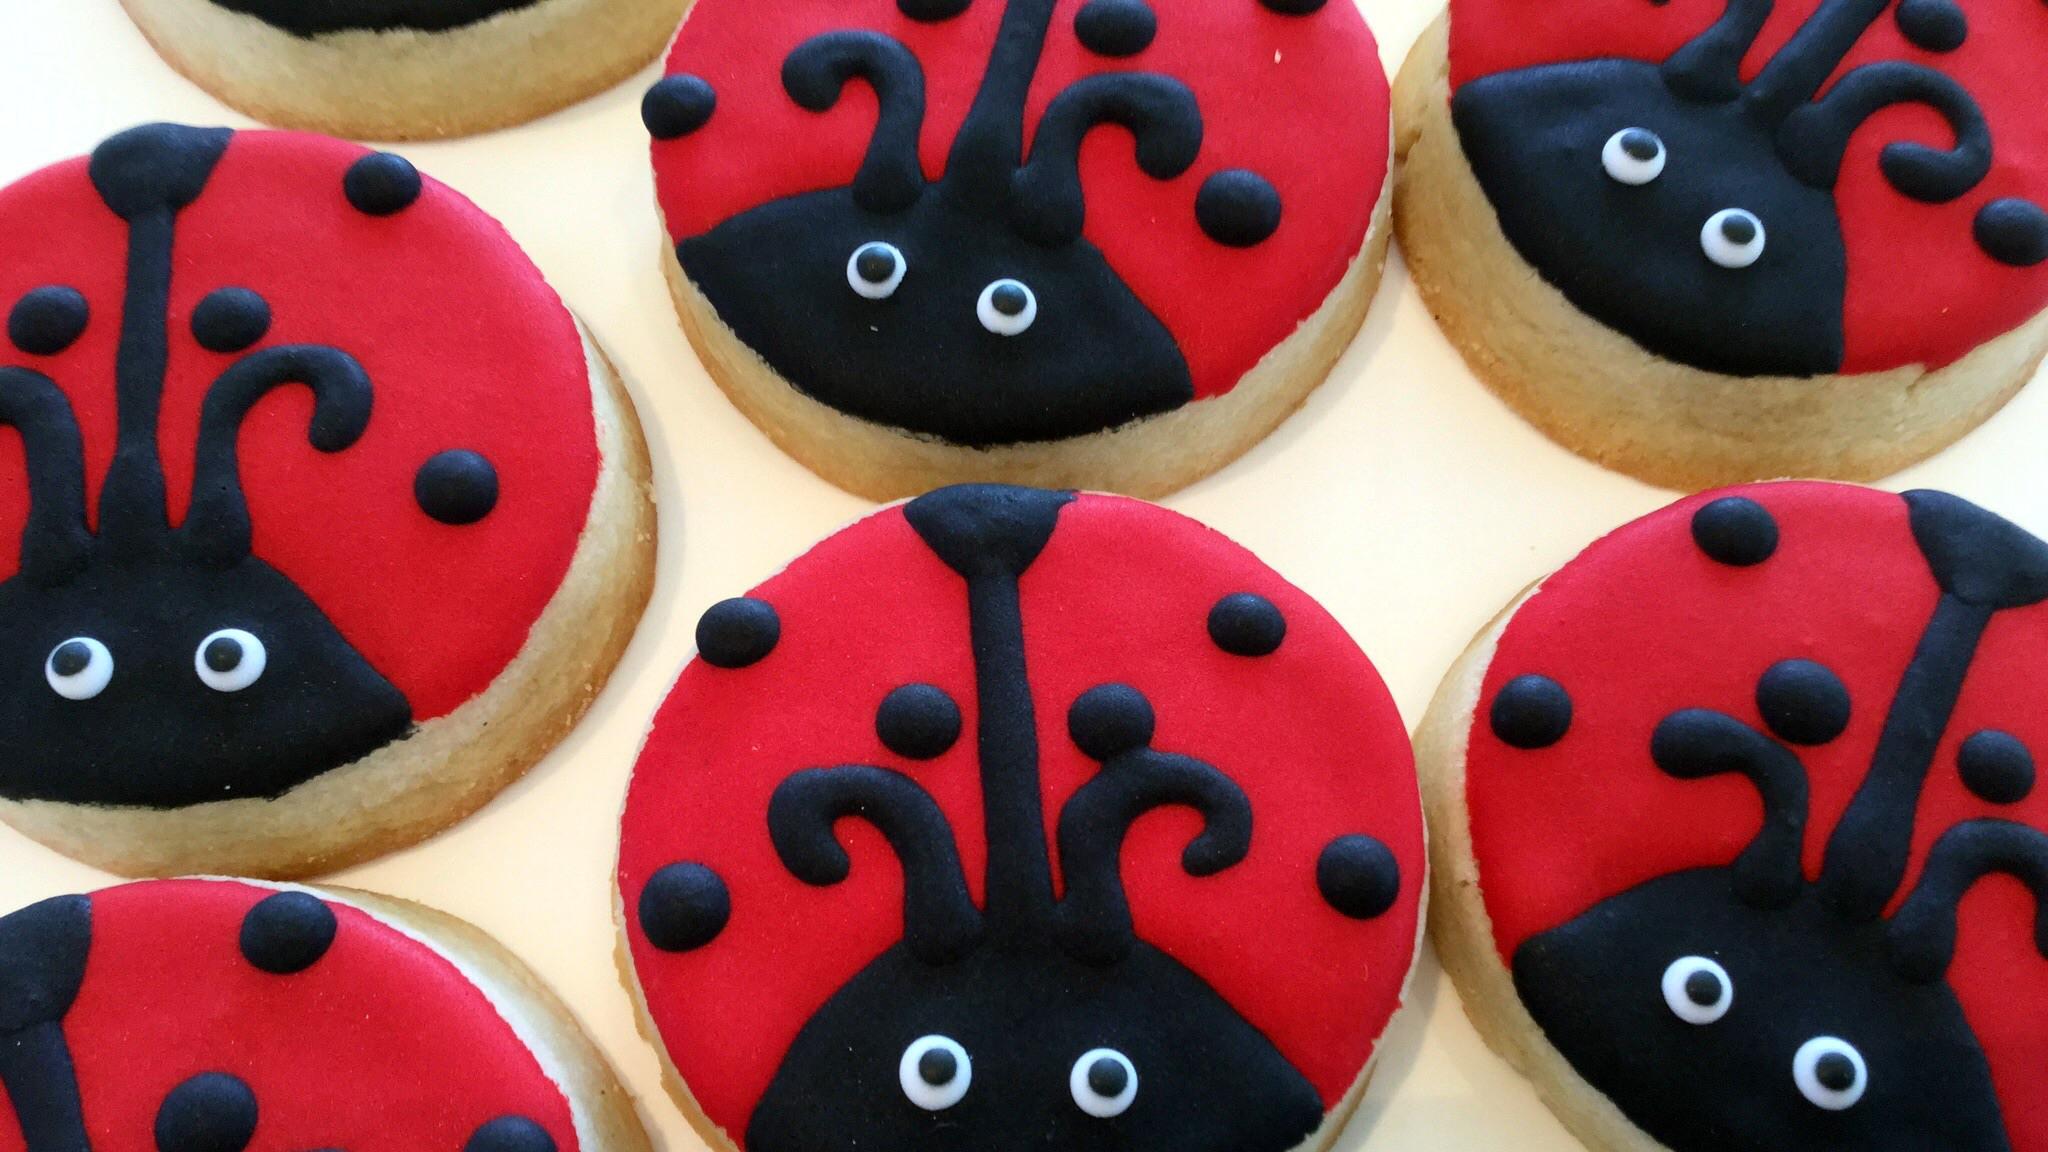 ladybugs-resized.jpg